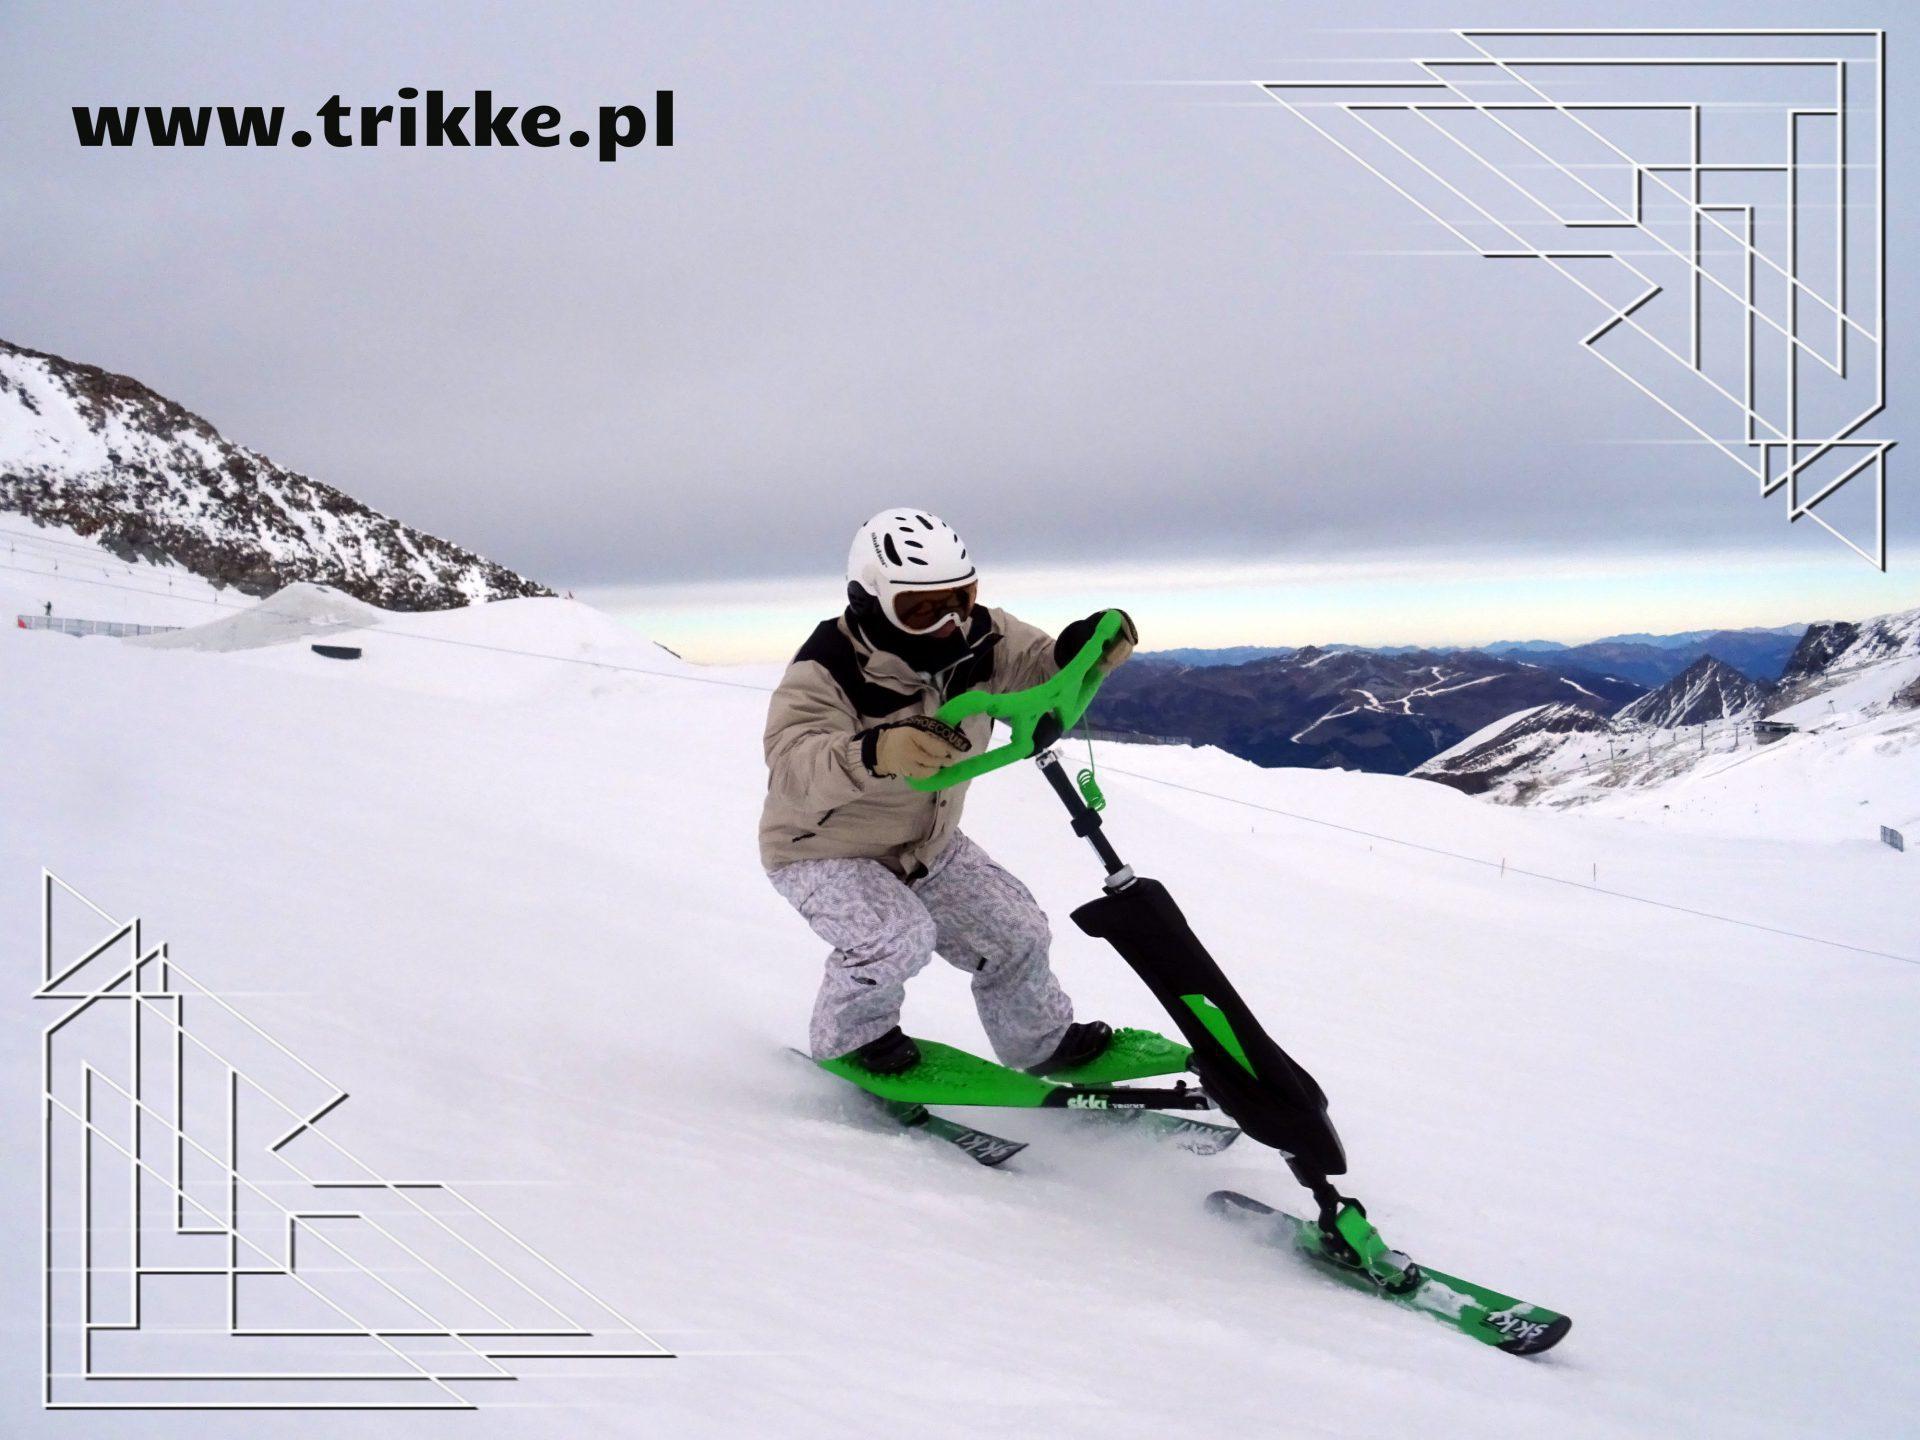 Marcowy wyjazd dla Skki Trikkerów do Andorry.